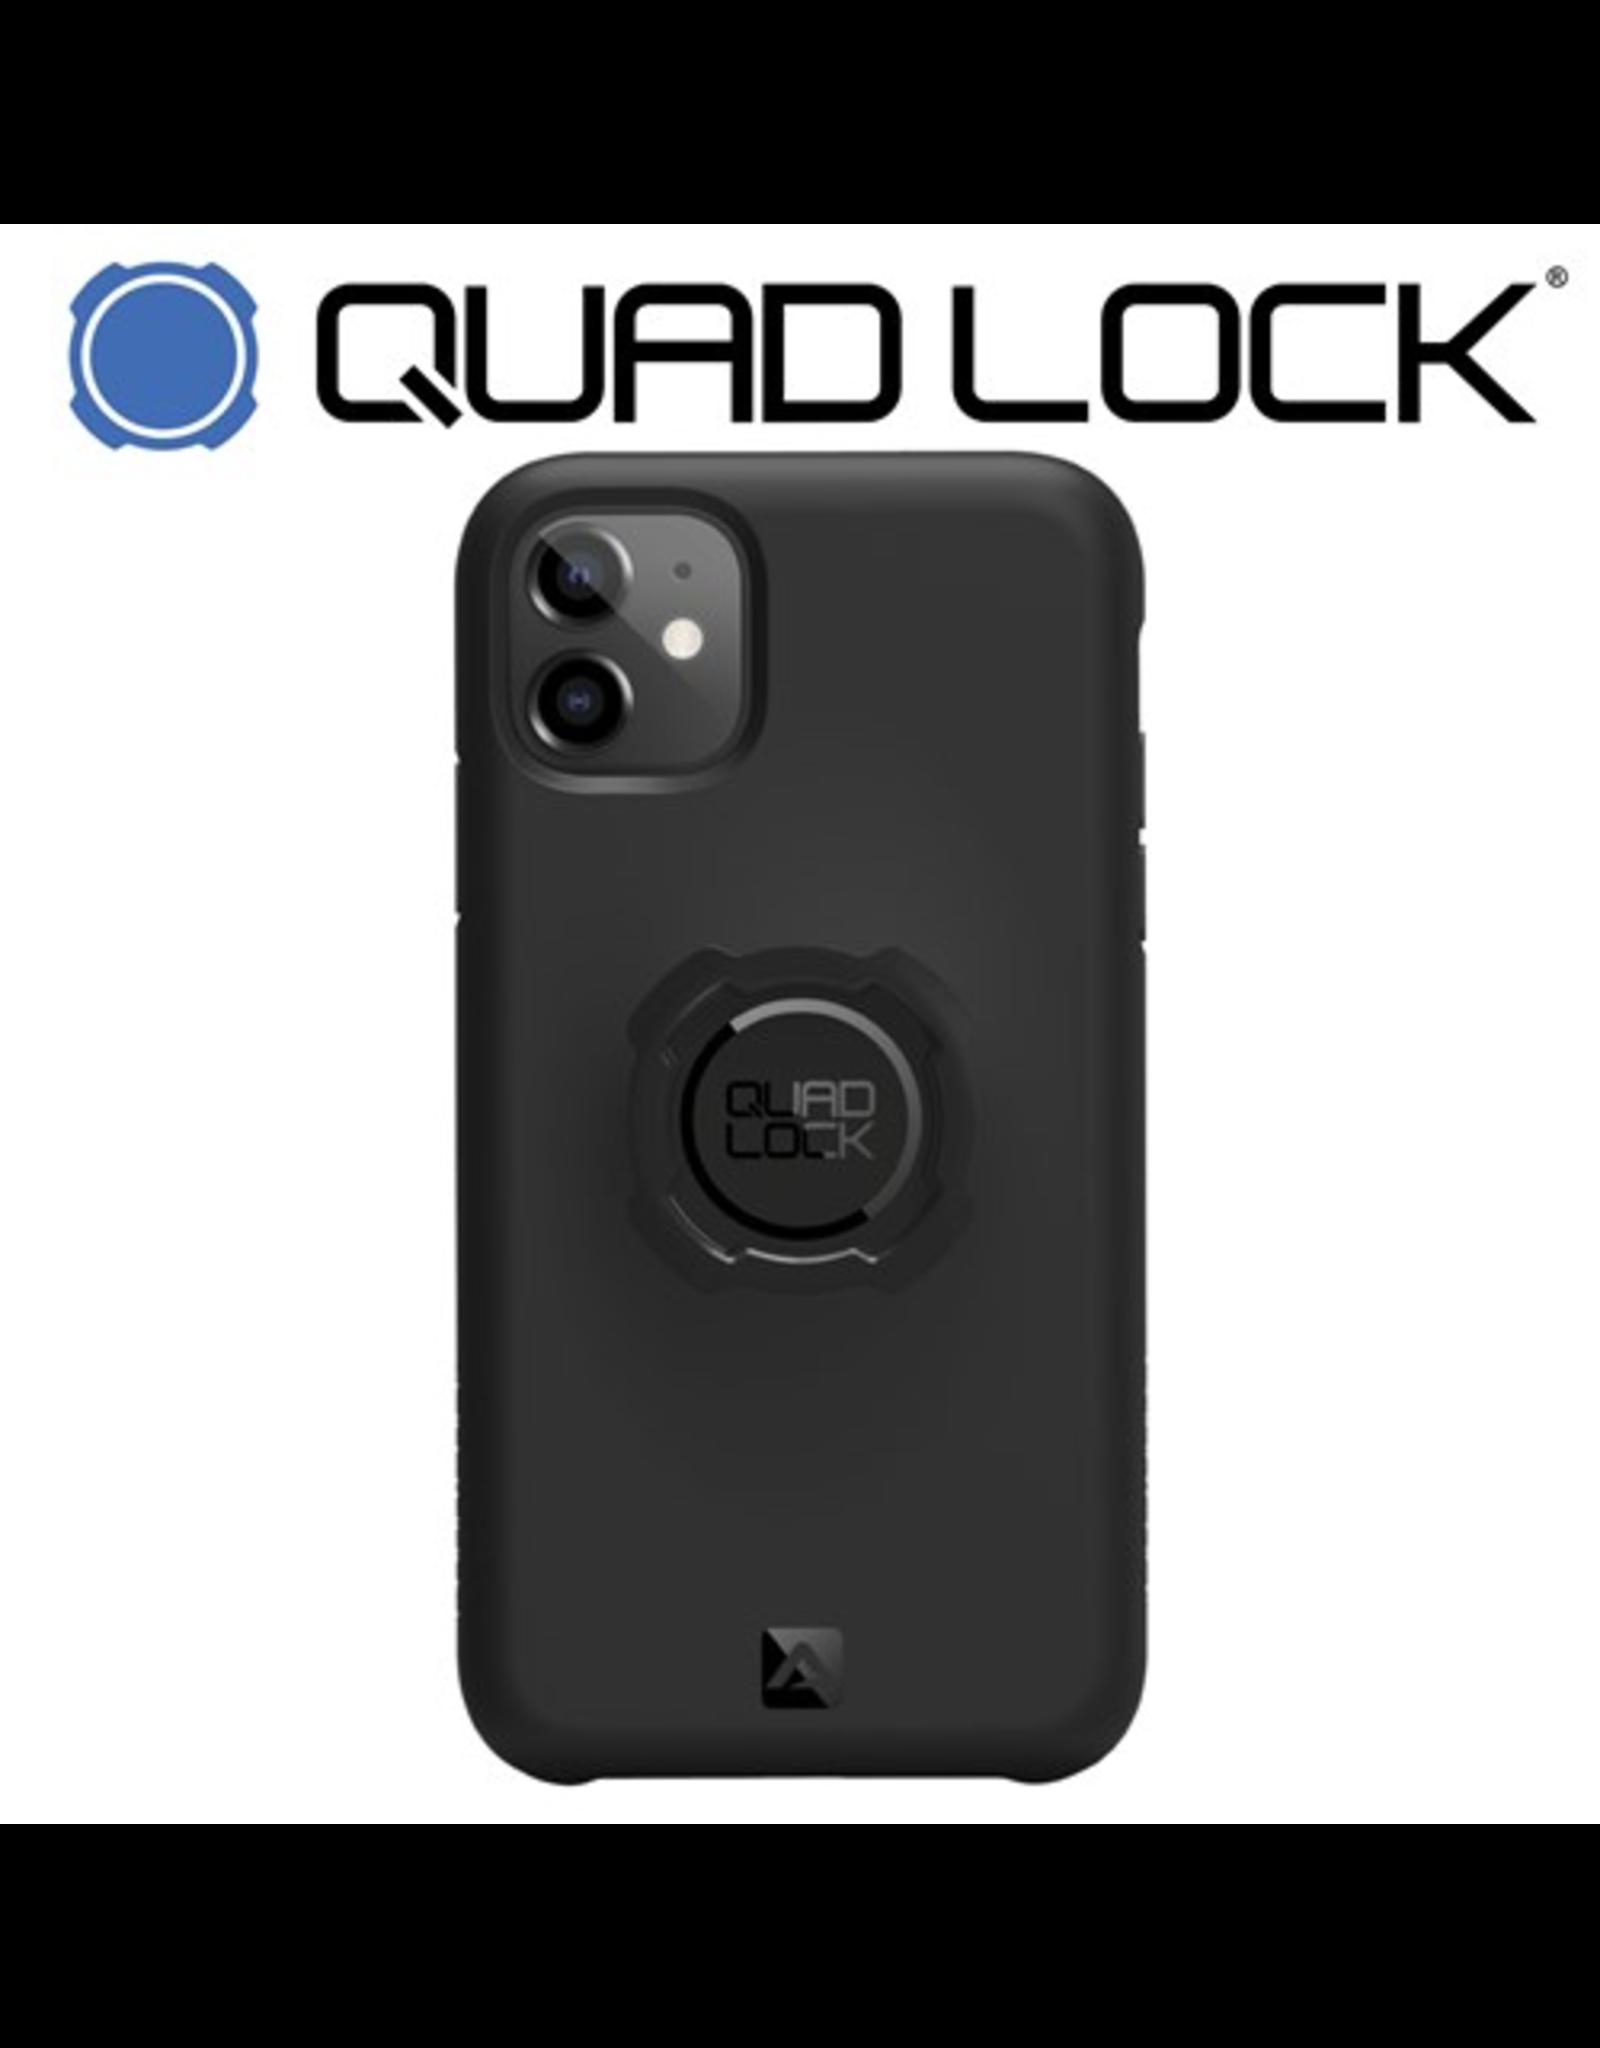 QUAD LOCK PHONE CASE QUAD LOCK FOR iPHONE 11